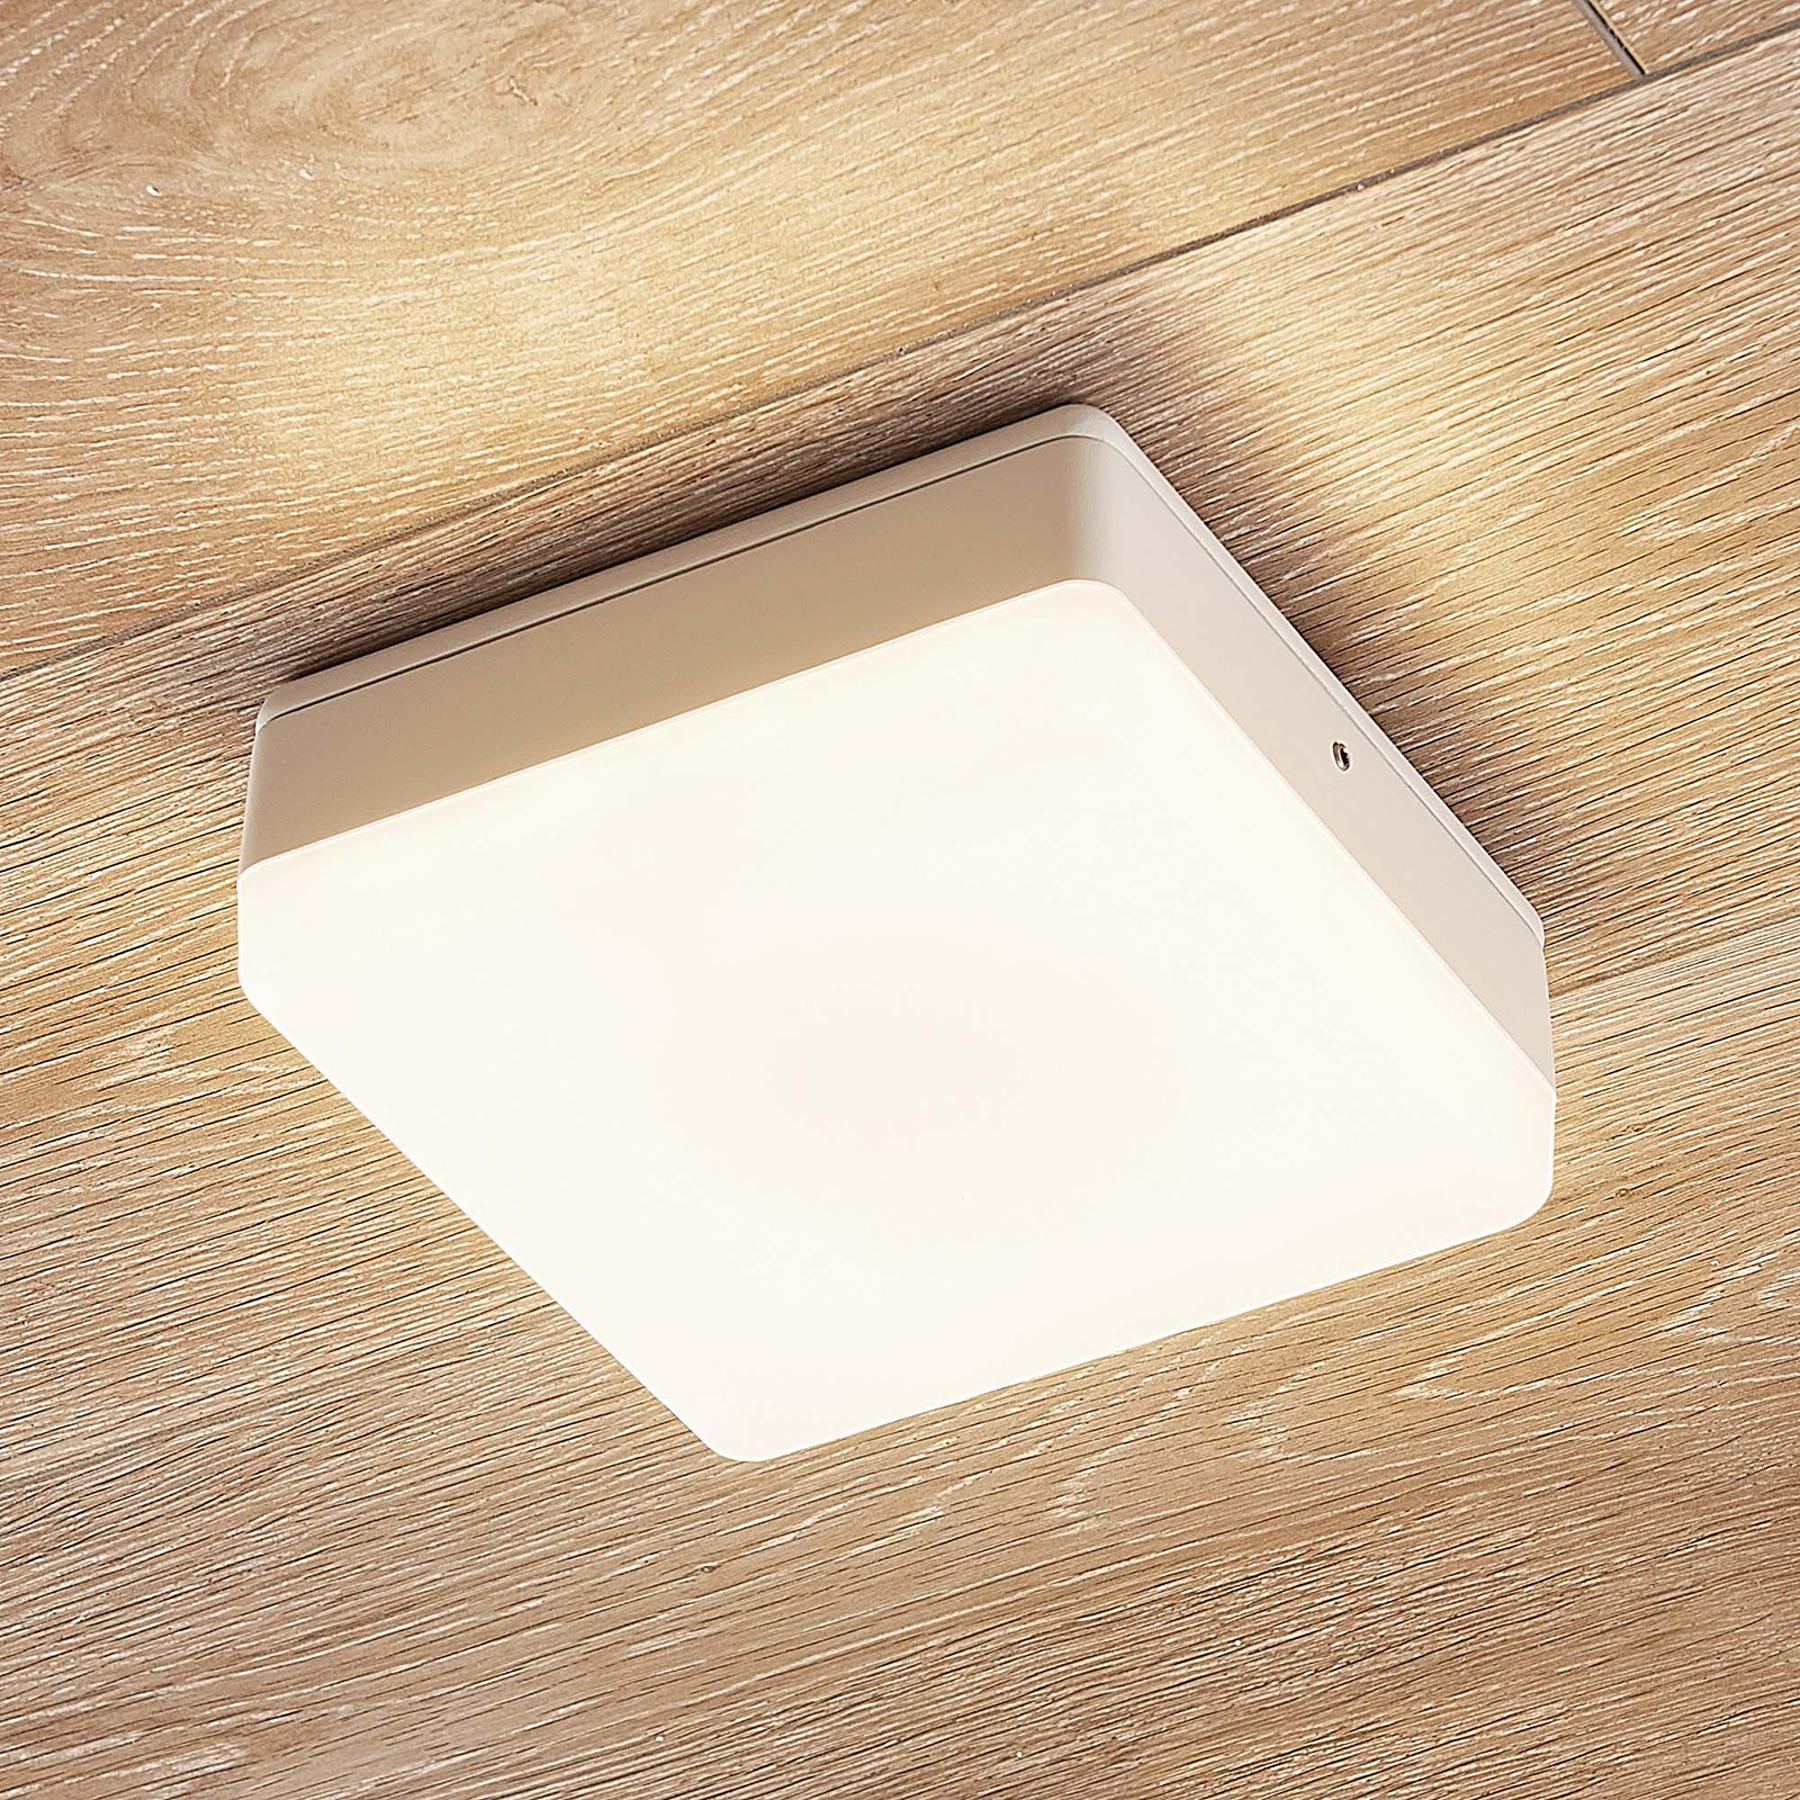 LED-kattovalaisin Thilo valkoinen 16 cm sensori HF